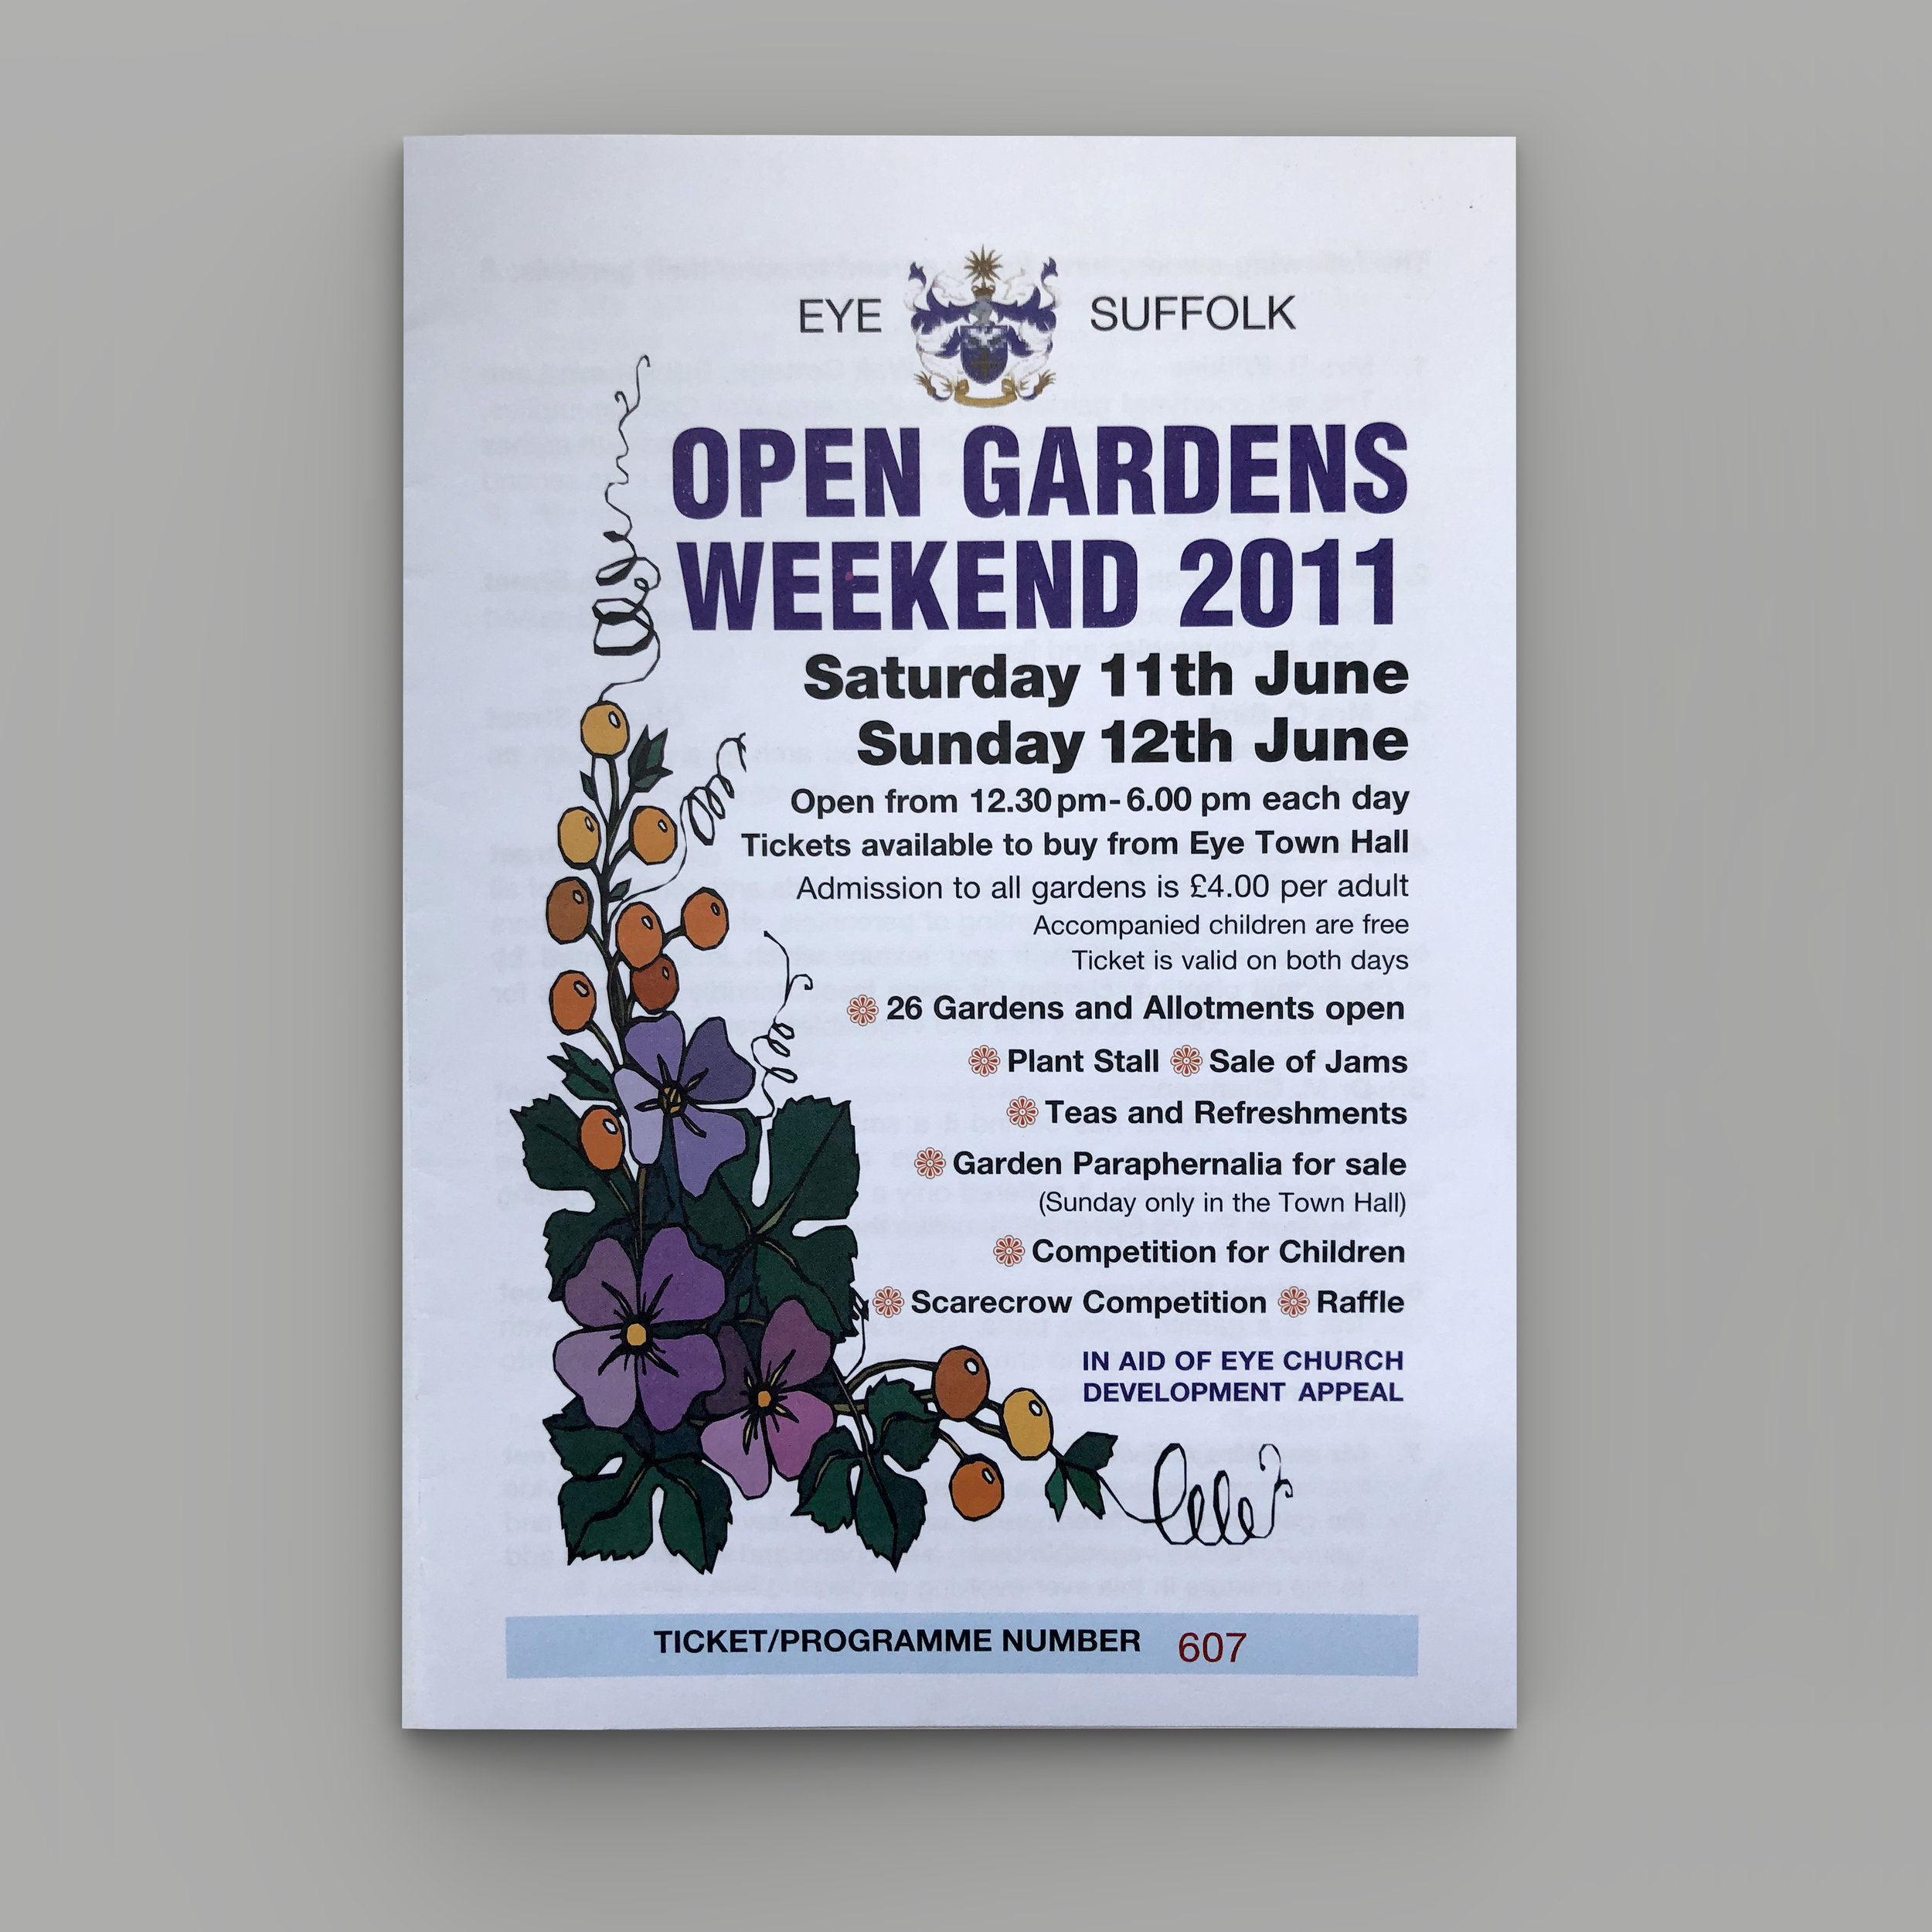 Eye-Open-Gardens-Cover-2011.jpg